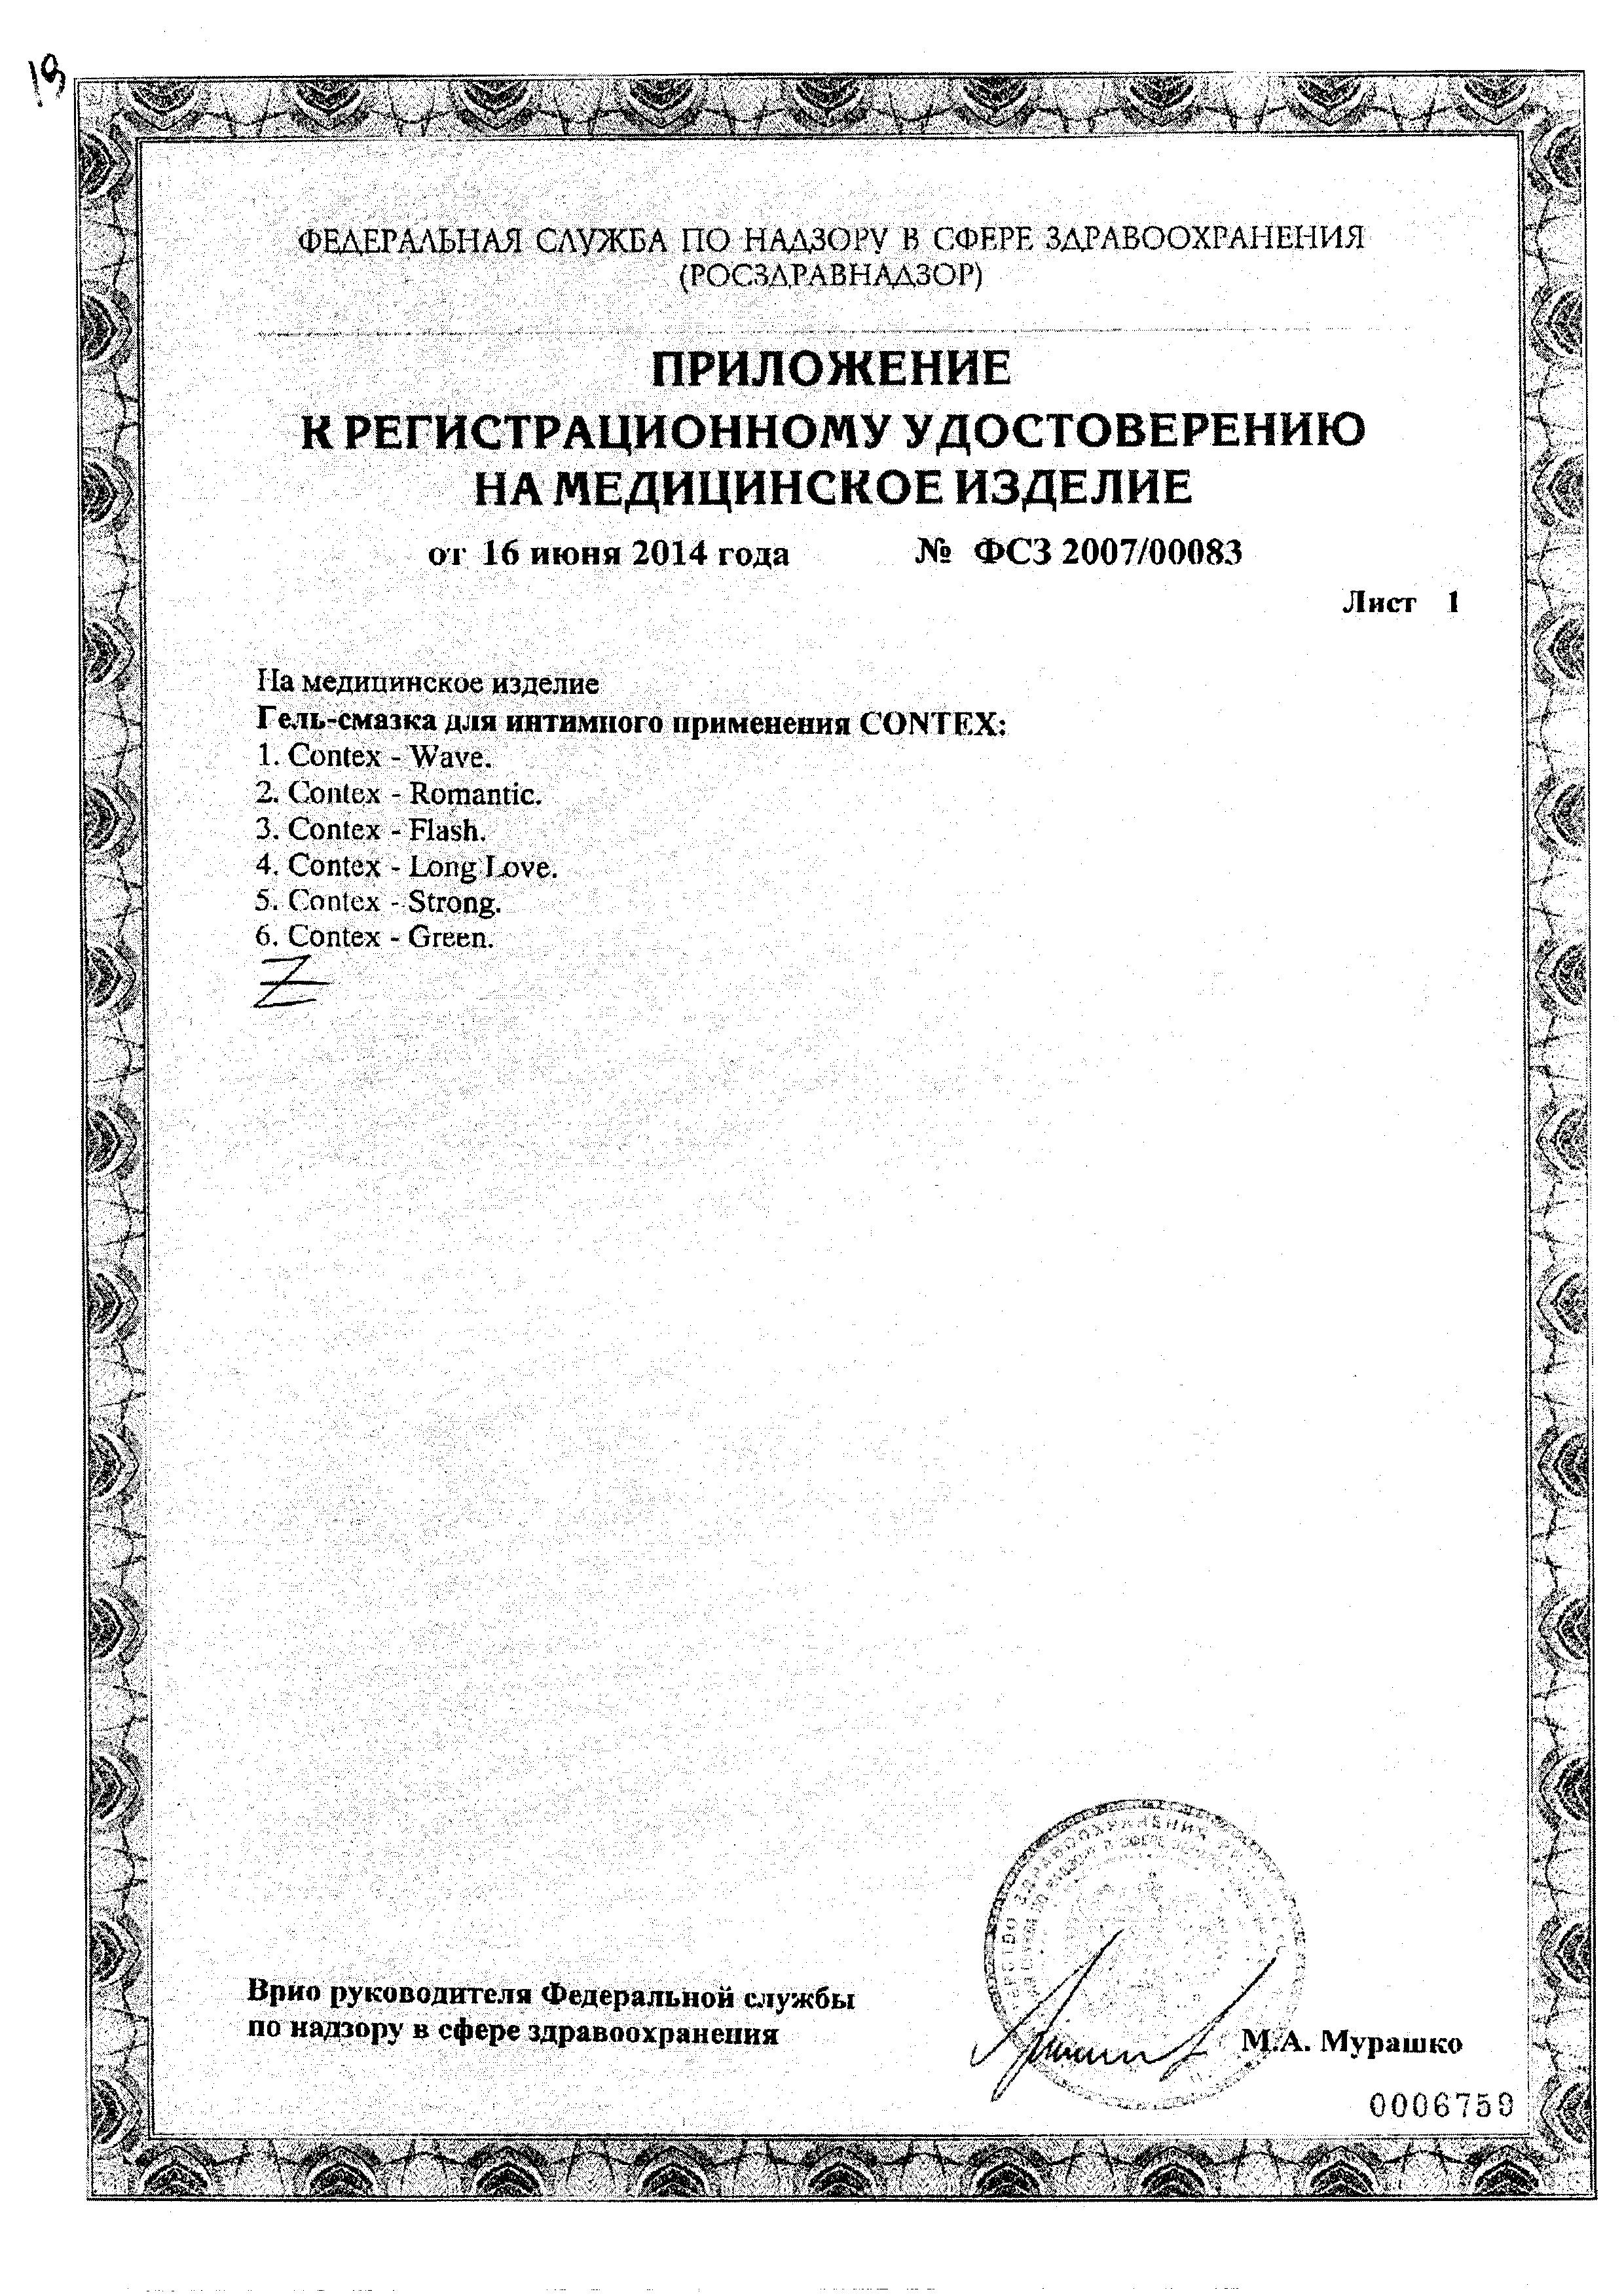 Гель-смазка Contex Strong сертификат